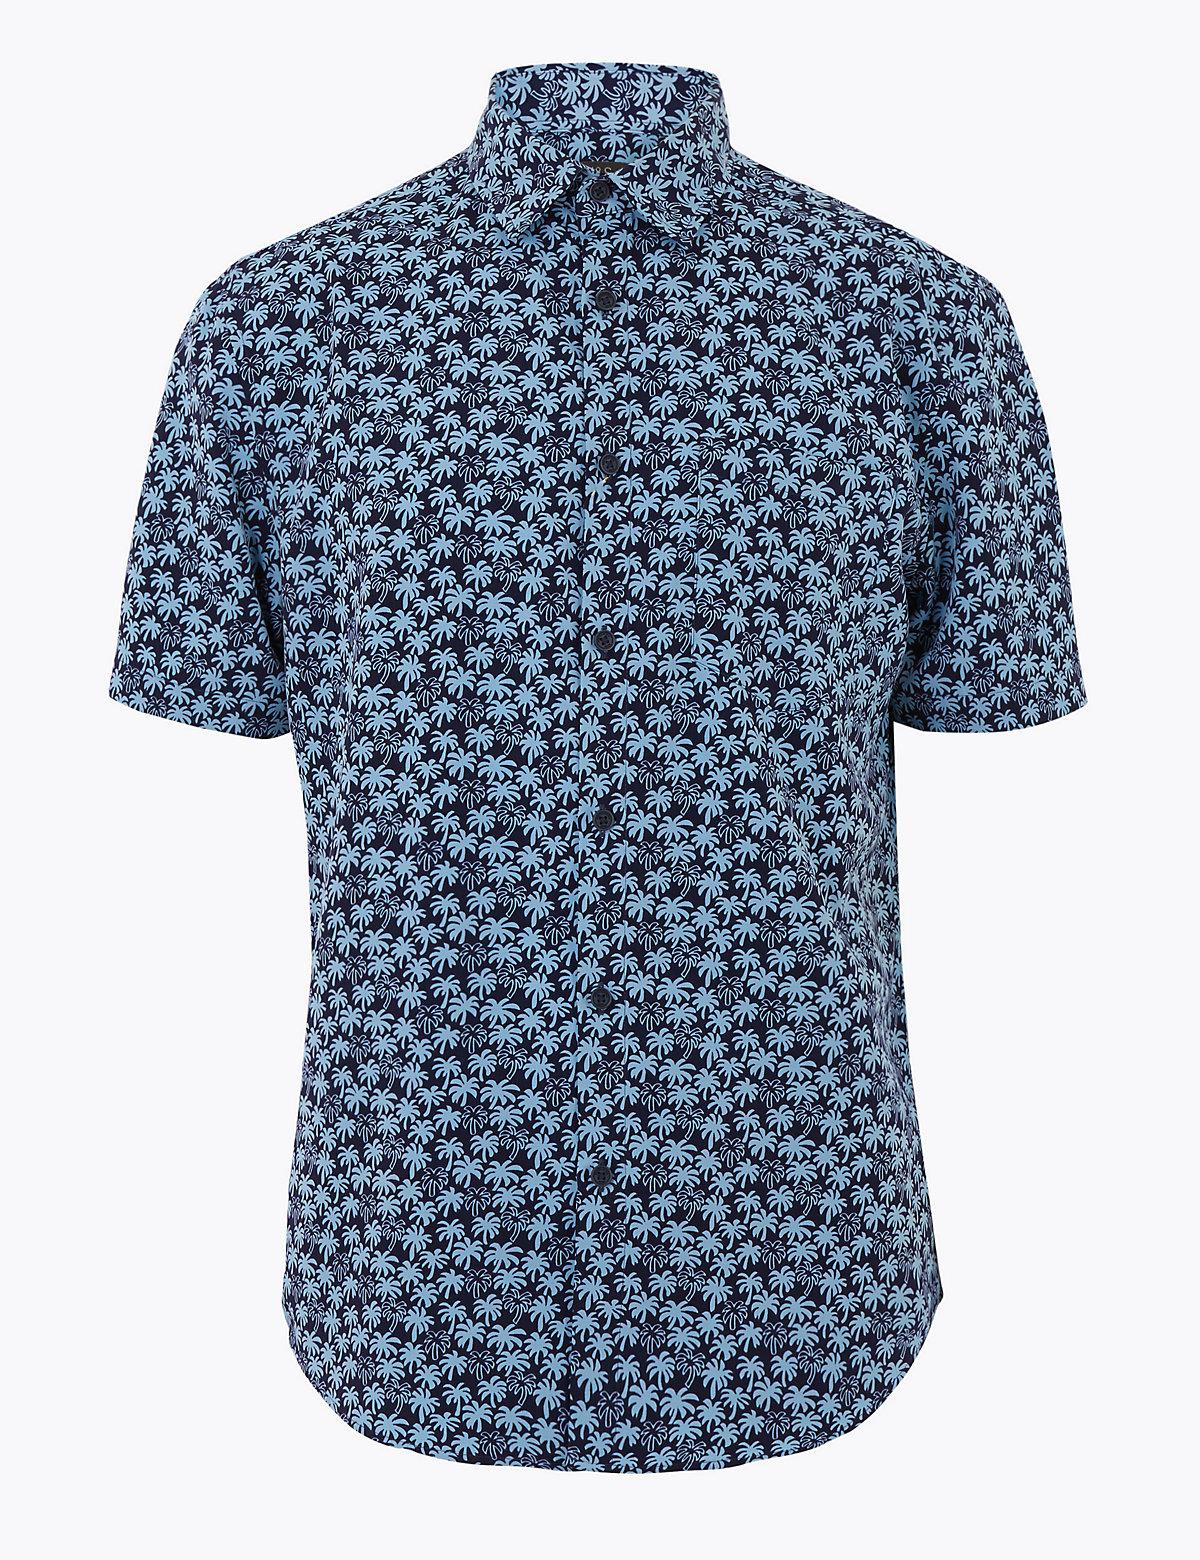 Мужская рубашка с сплошным принтом